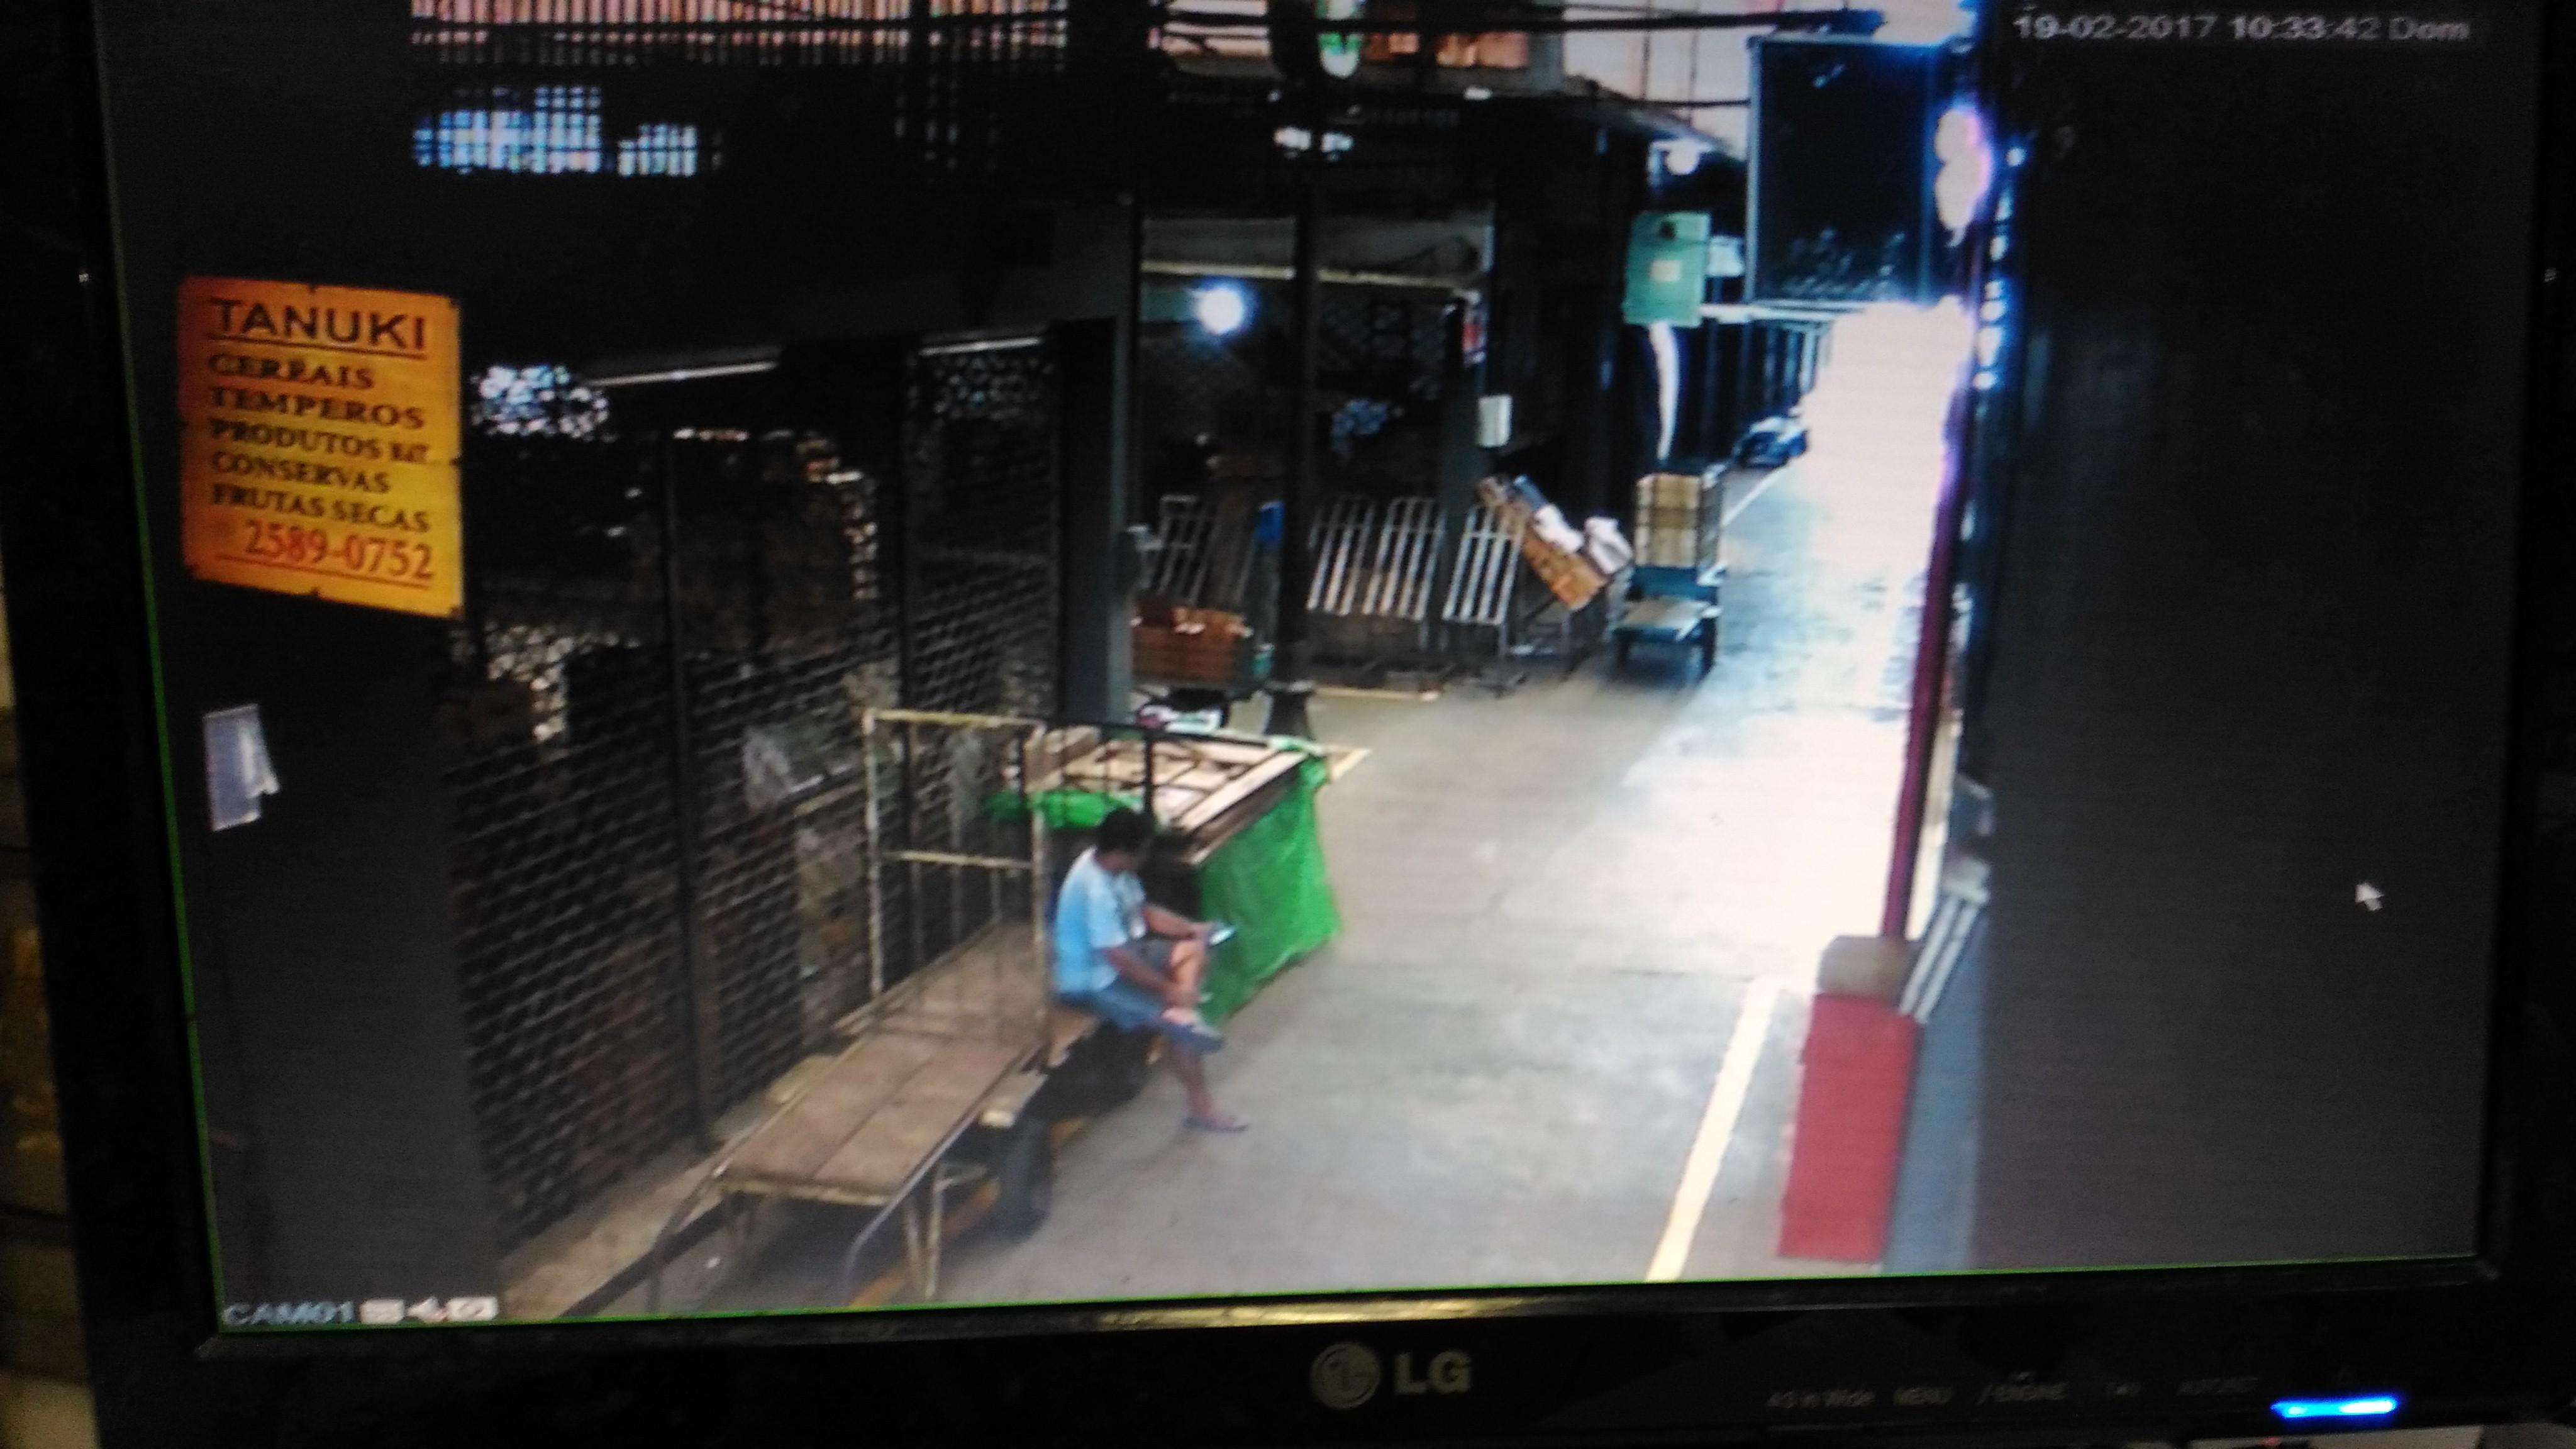 Imagens das câmeras de segurança